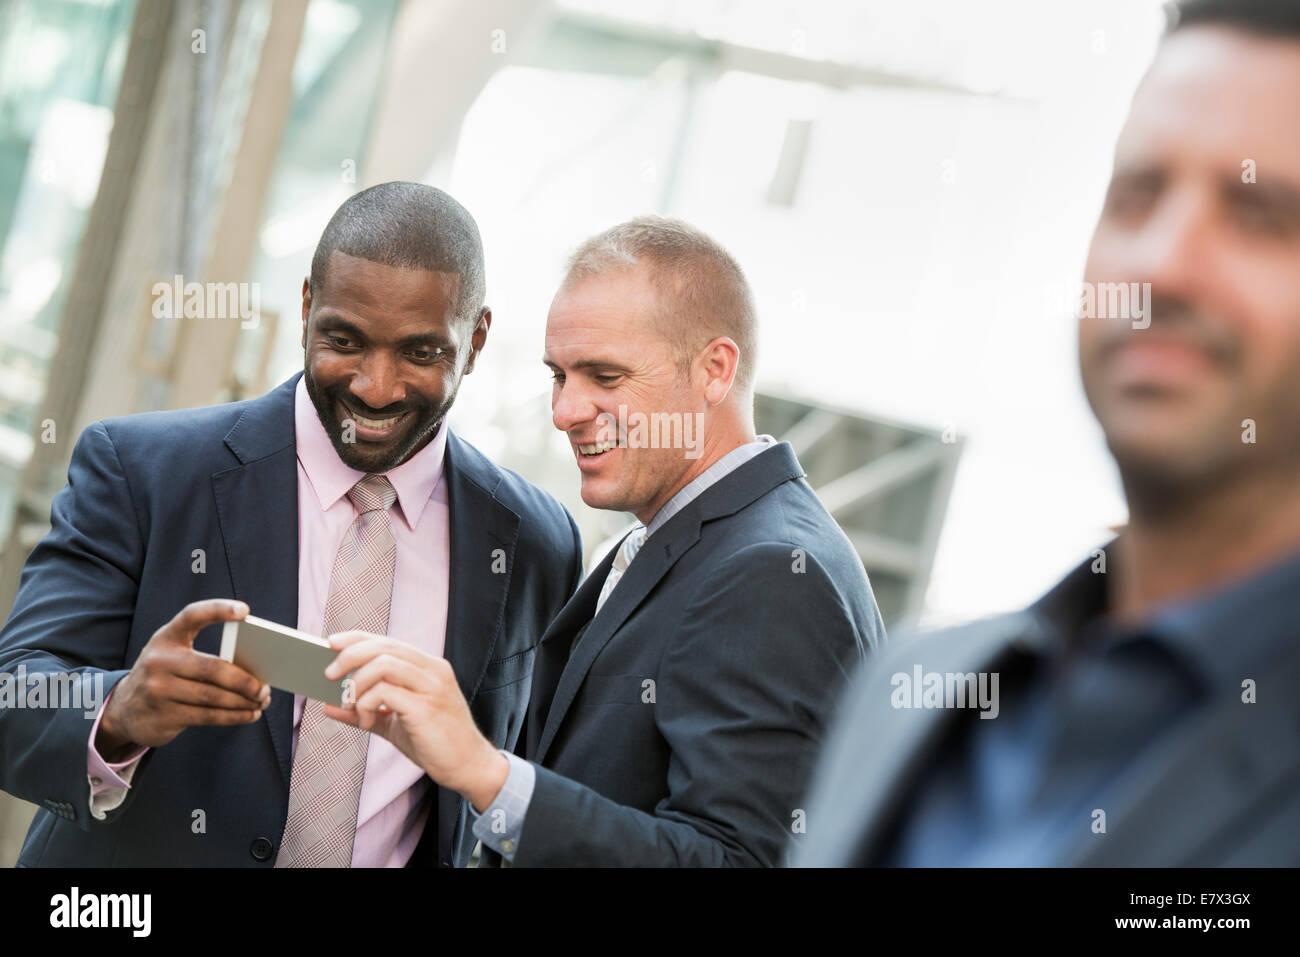 Dos empresarios controlar un teléfono y riendo, un hombre en el primer plano. Imagen De Stock